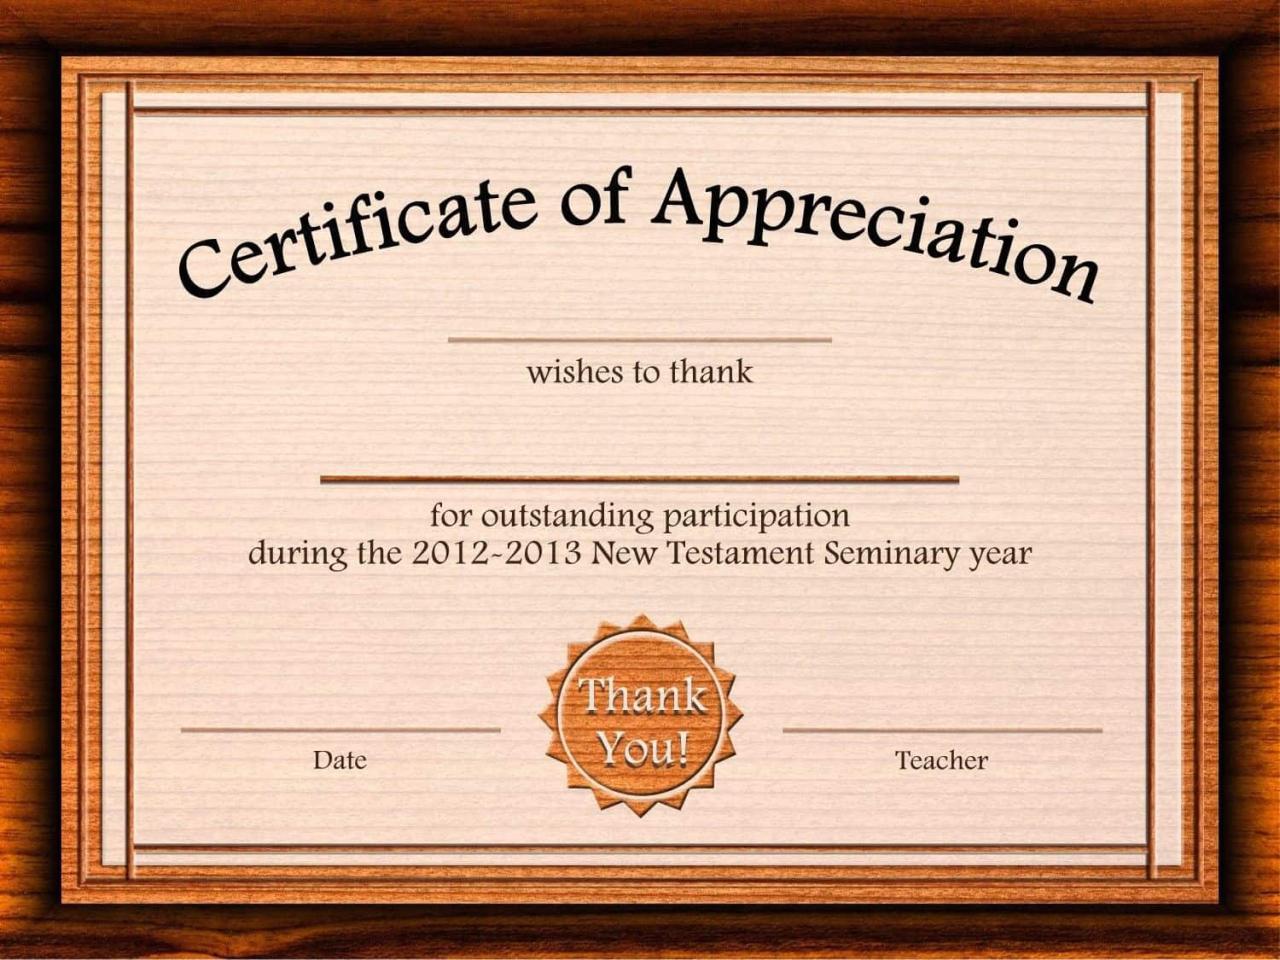 خطاب شكر وتقدير لموظف بالانجليزي لشكر وتقدير بعض الموظفين ماذا نقدم له حنان خجولة